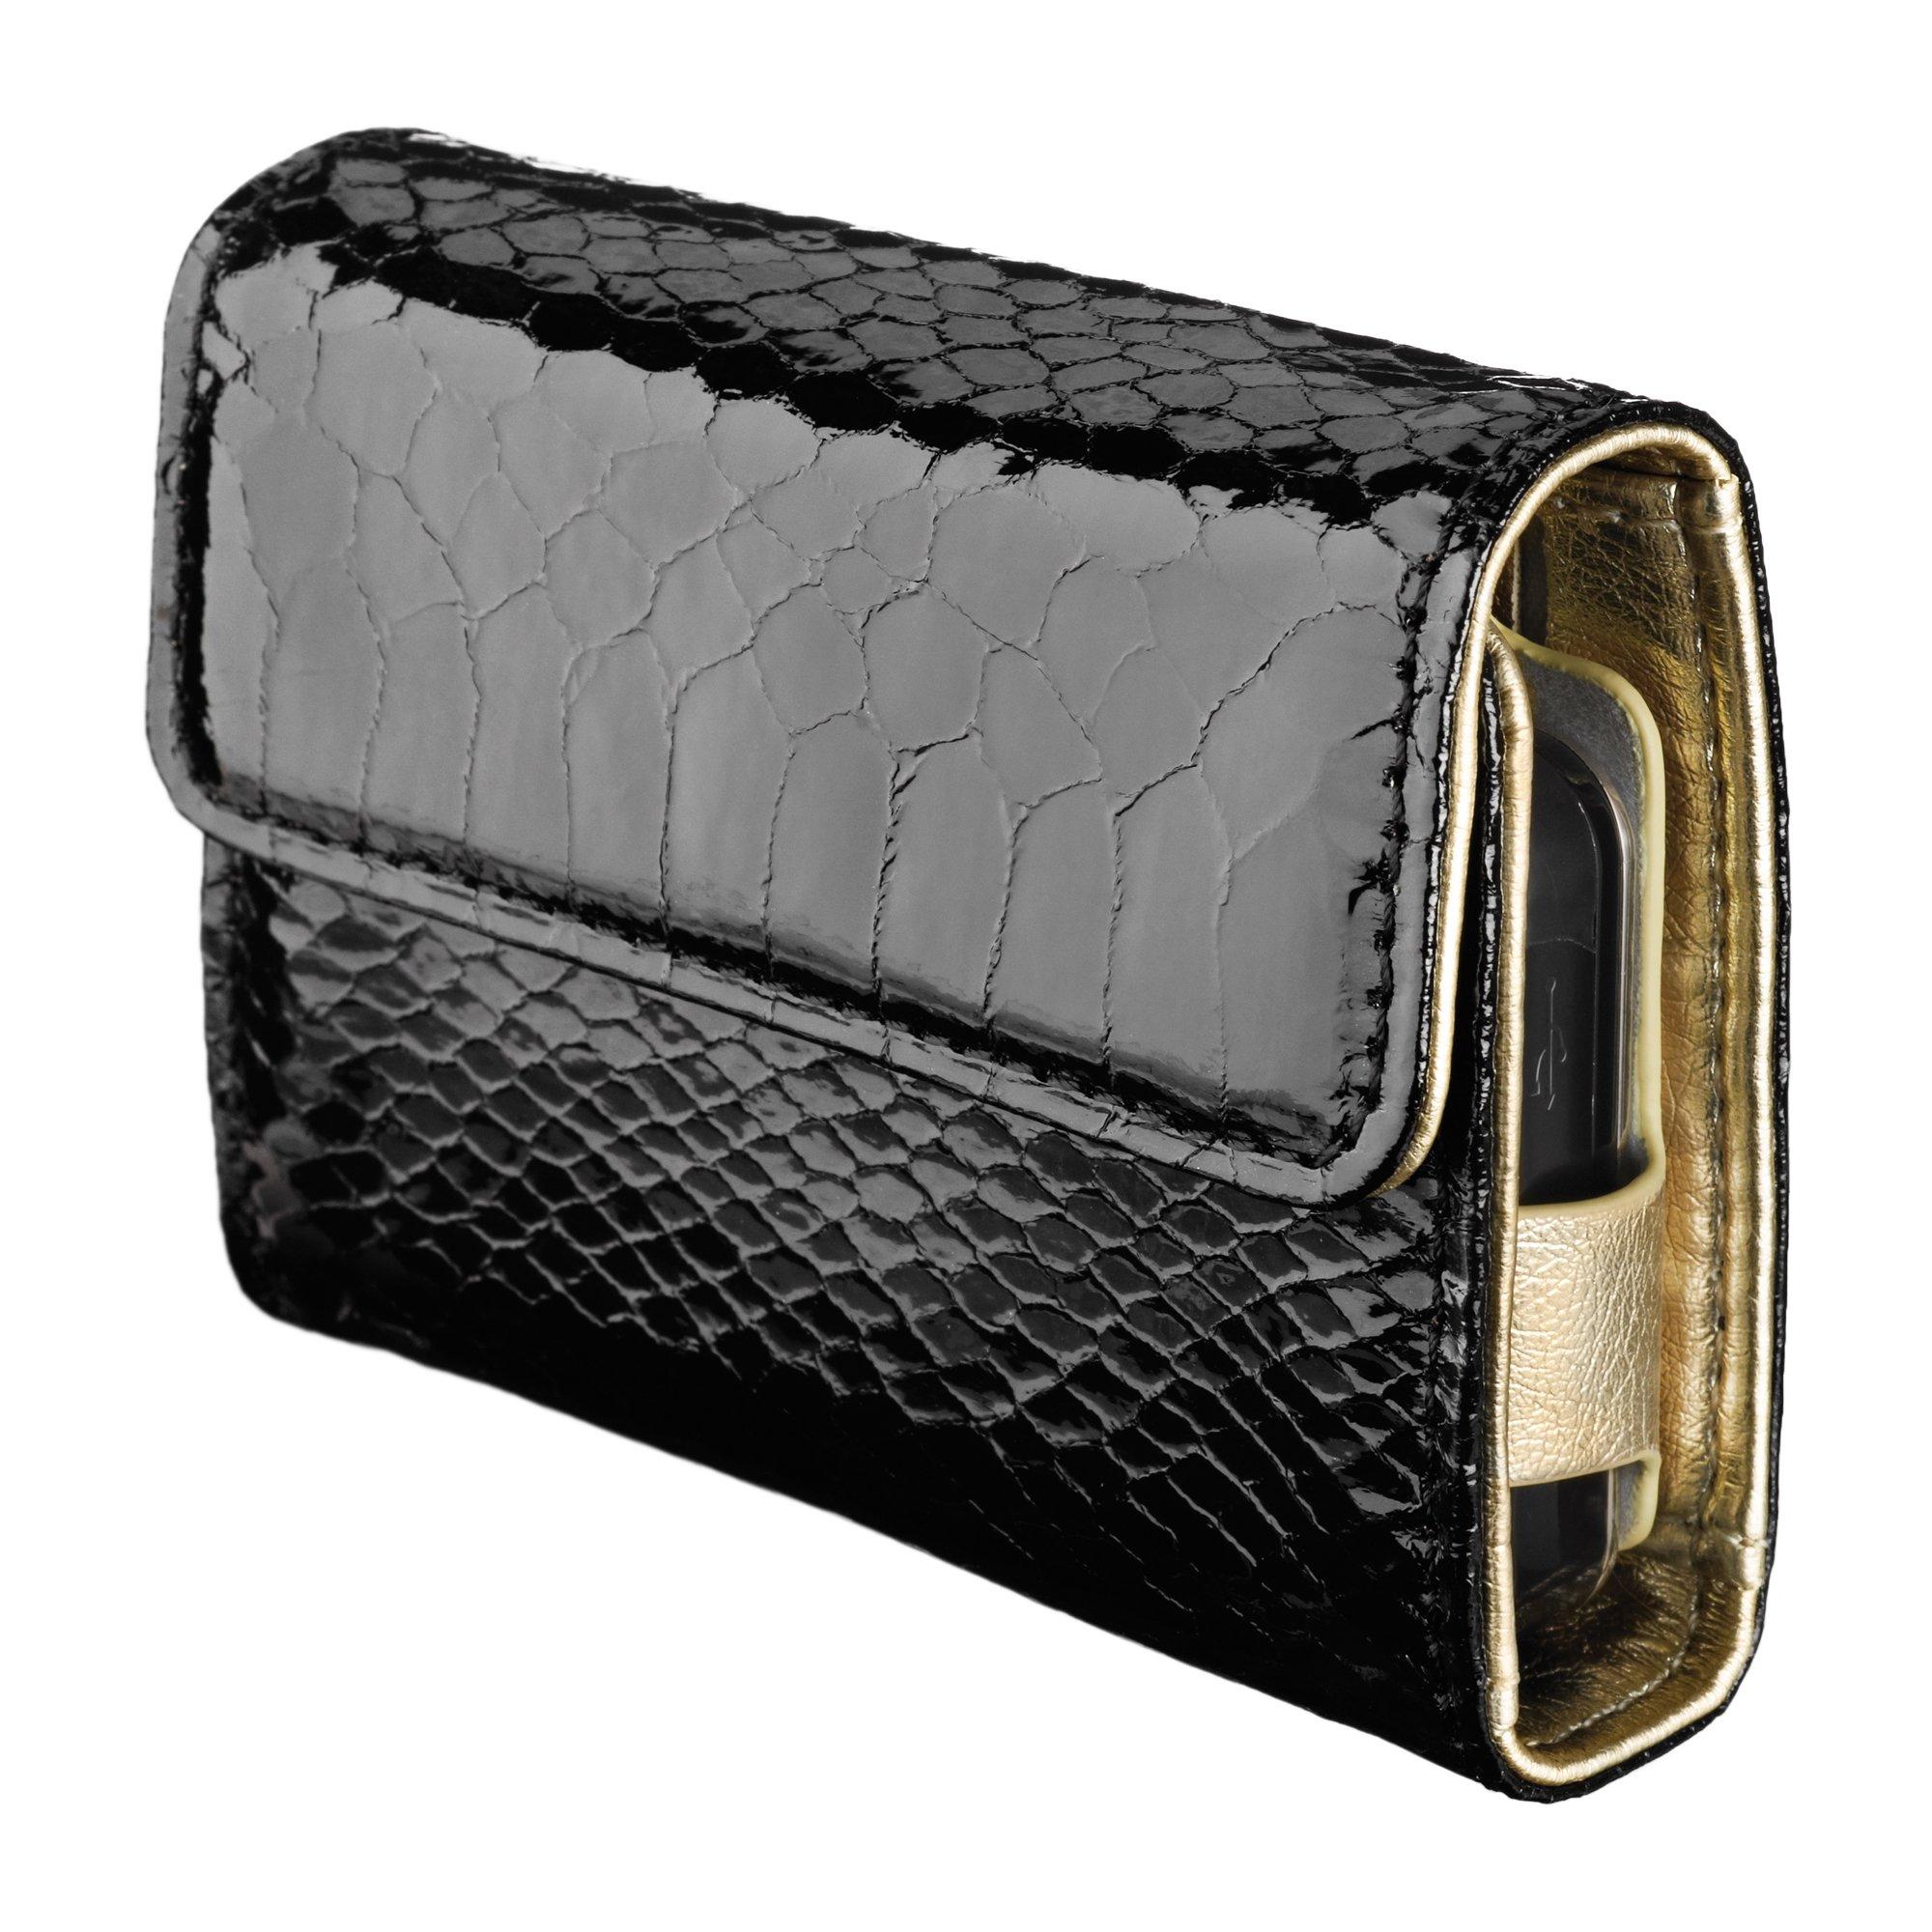 t:wallet Leatherette Case (Black & Dazzle)